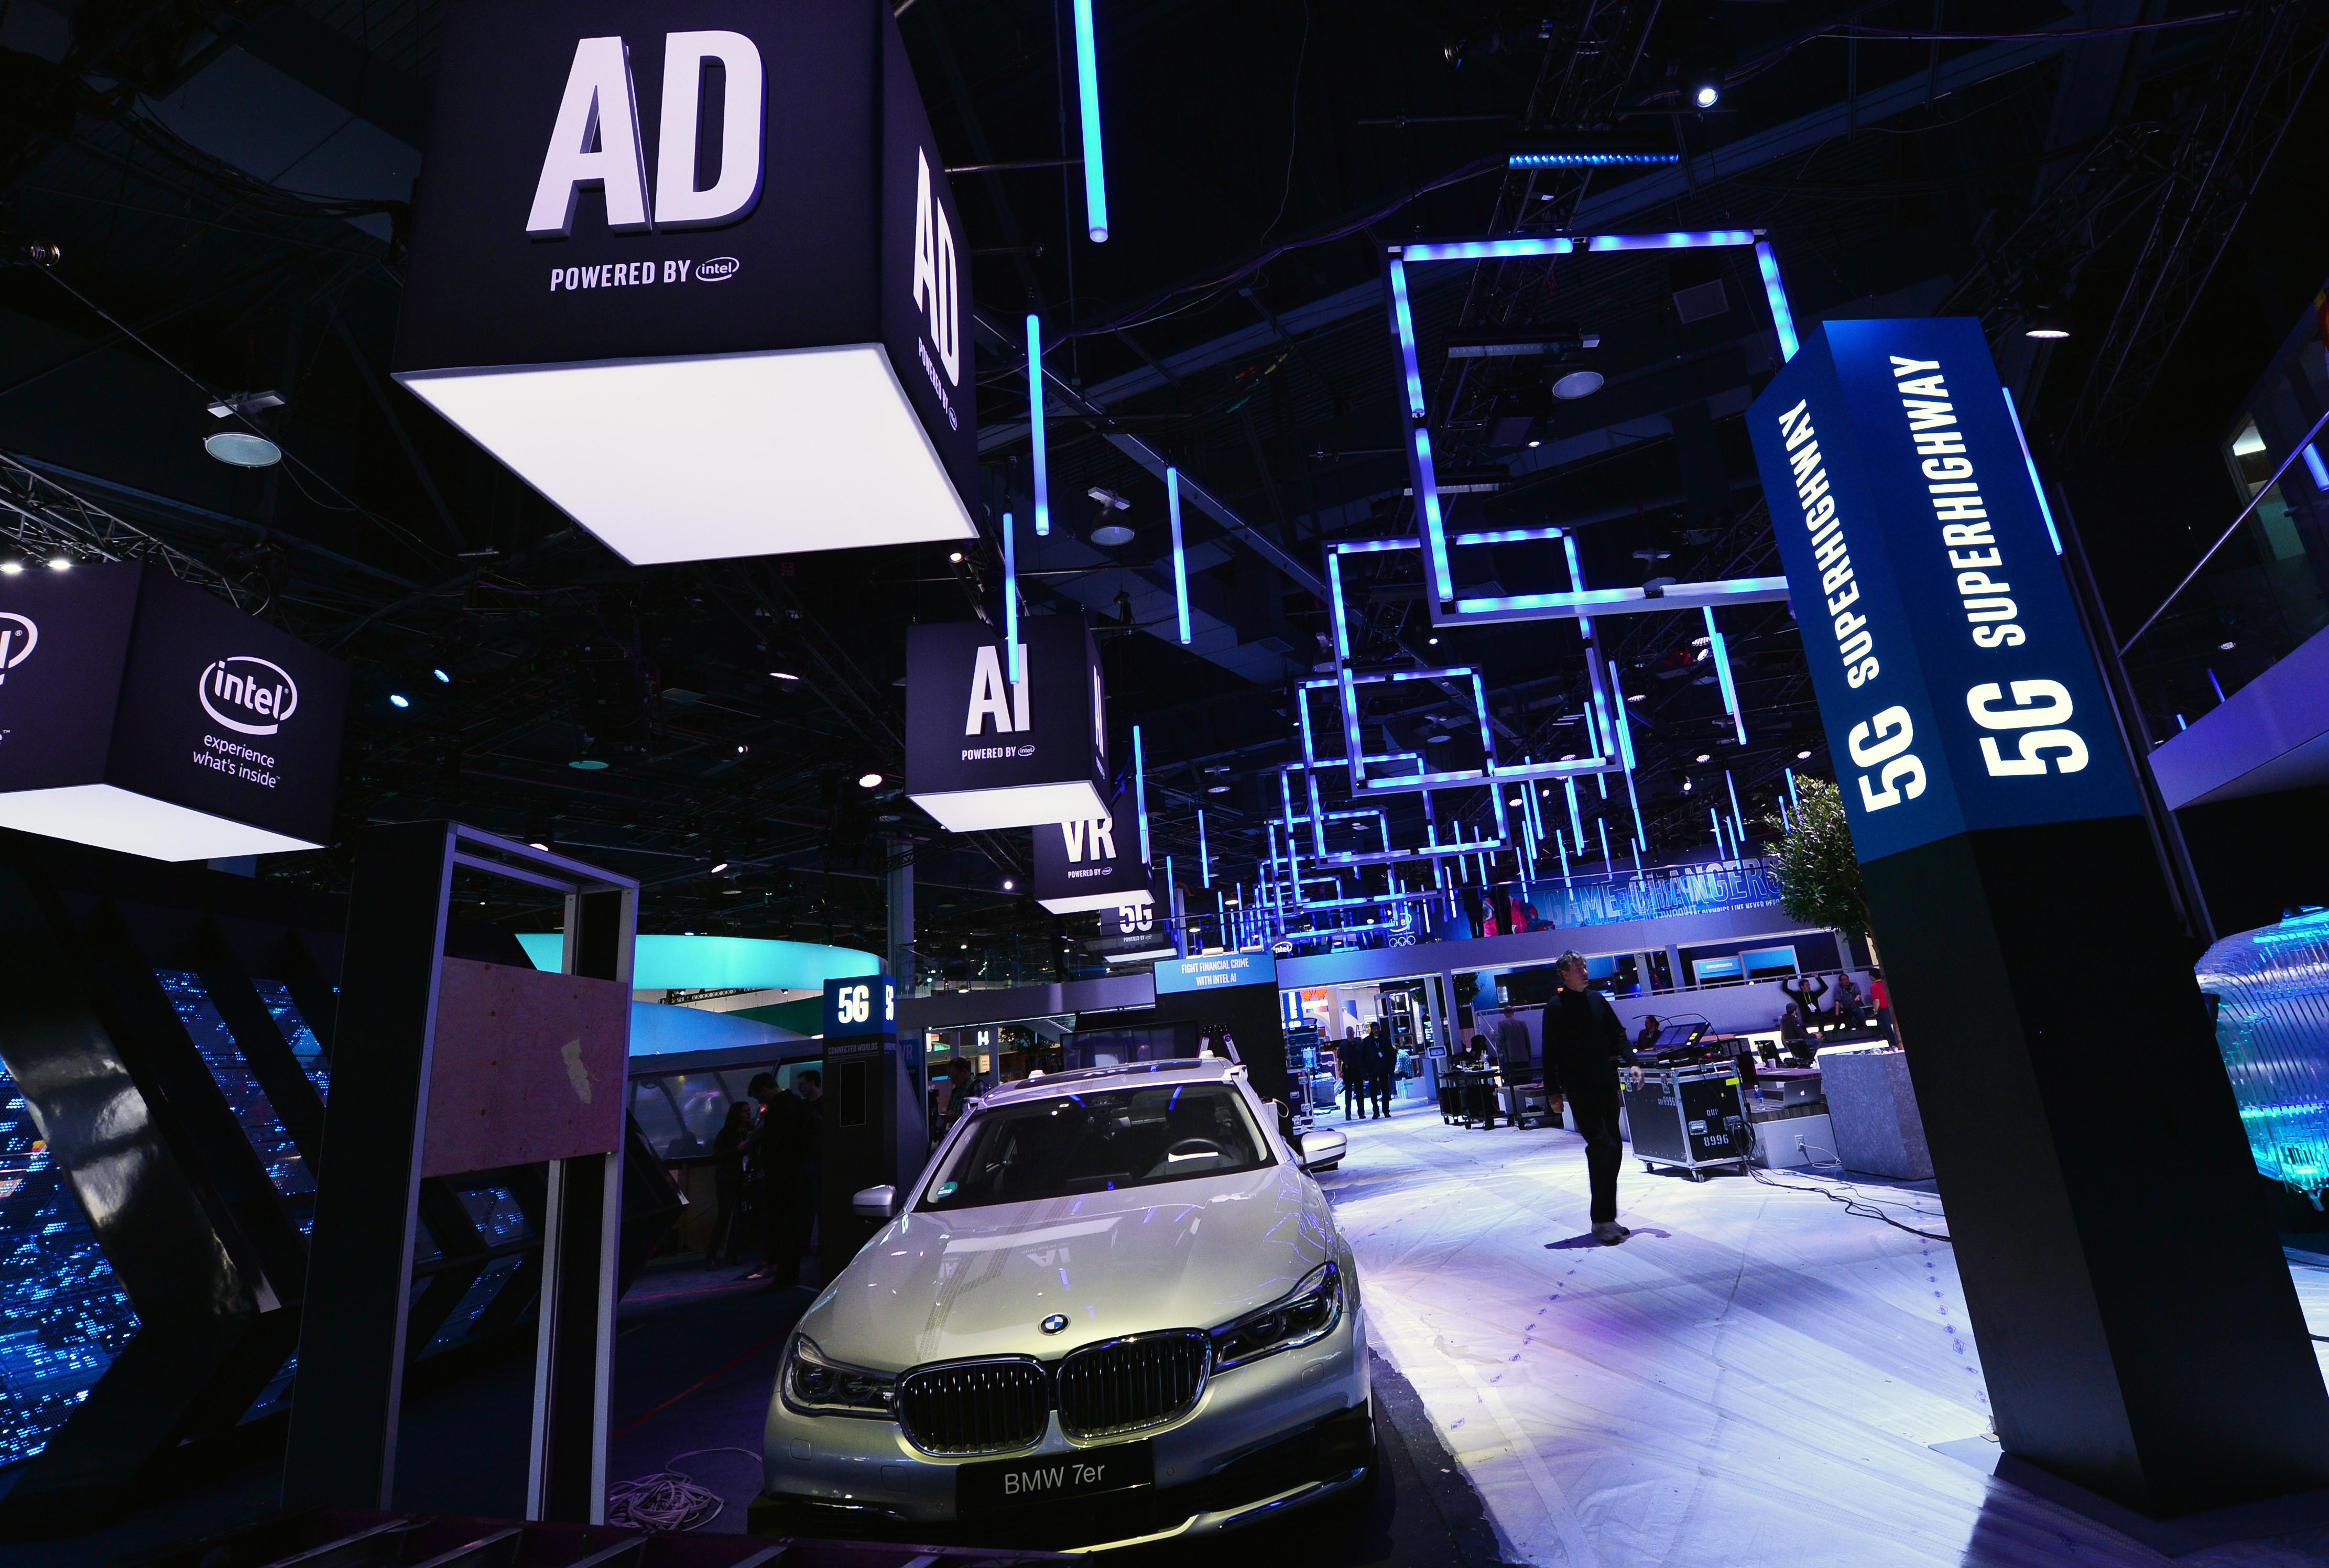 Peste 2 milioane de mașini BMW, Nissan și Volkswagen folosesc cipurile Intel pentru conducere autonomă, realizate de către Mobileye. Standul Intel la CES 2018, cu o mașiniă BMW